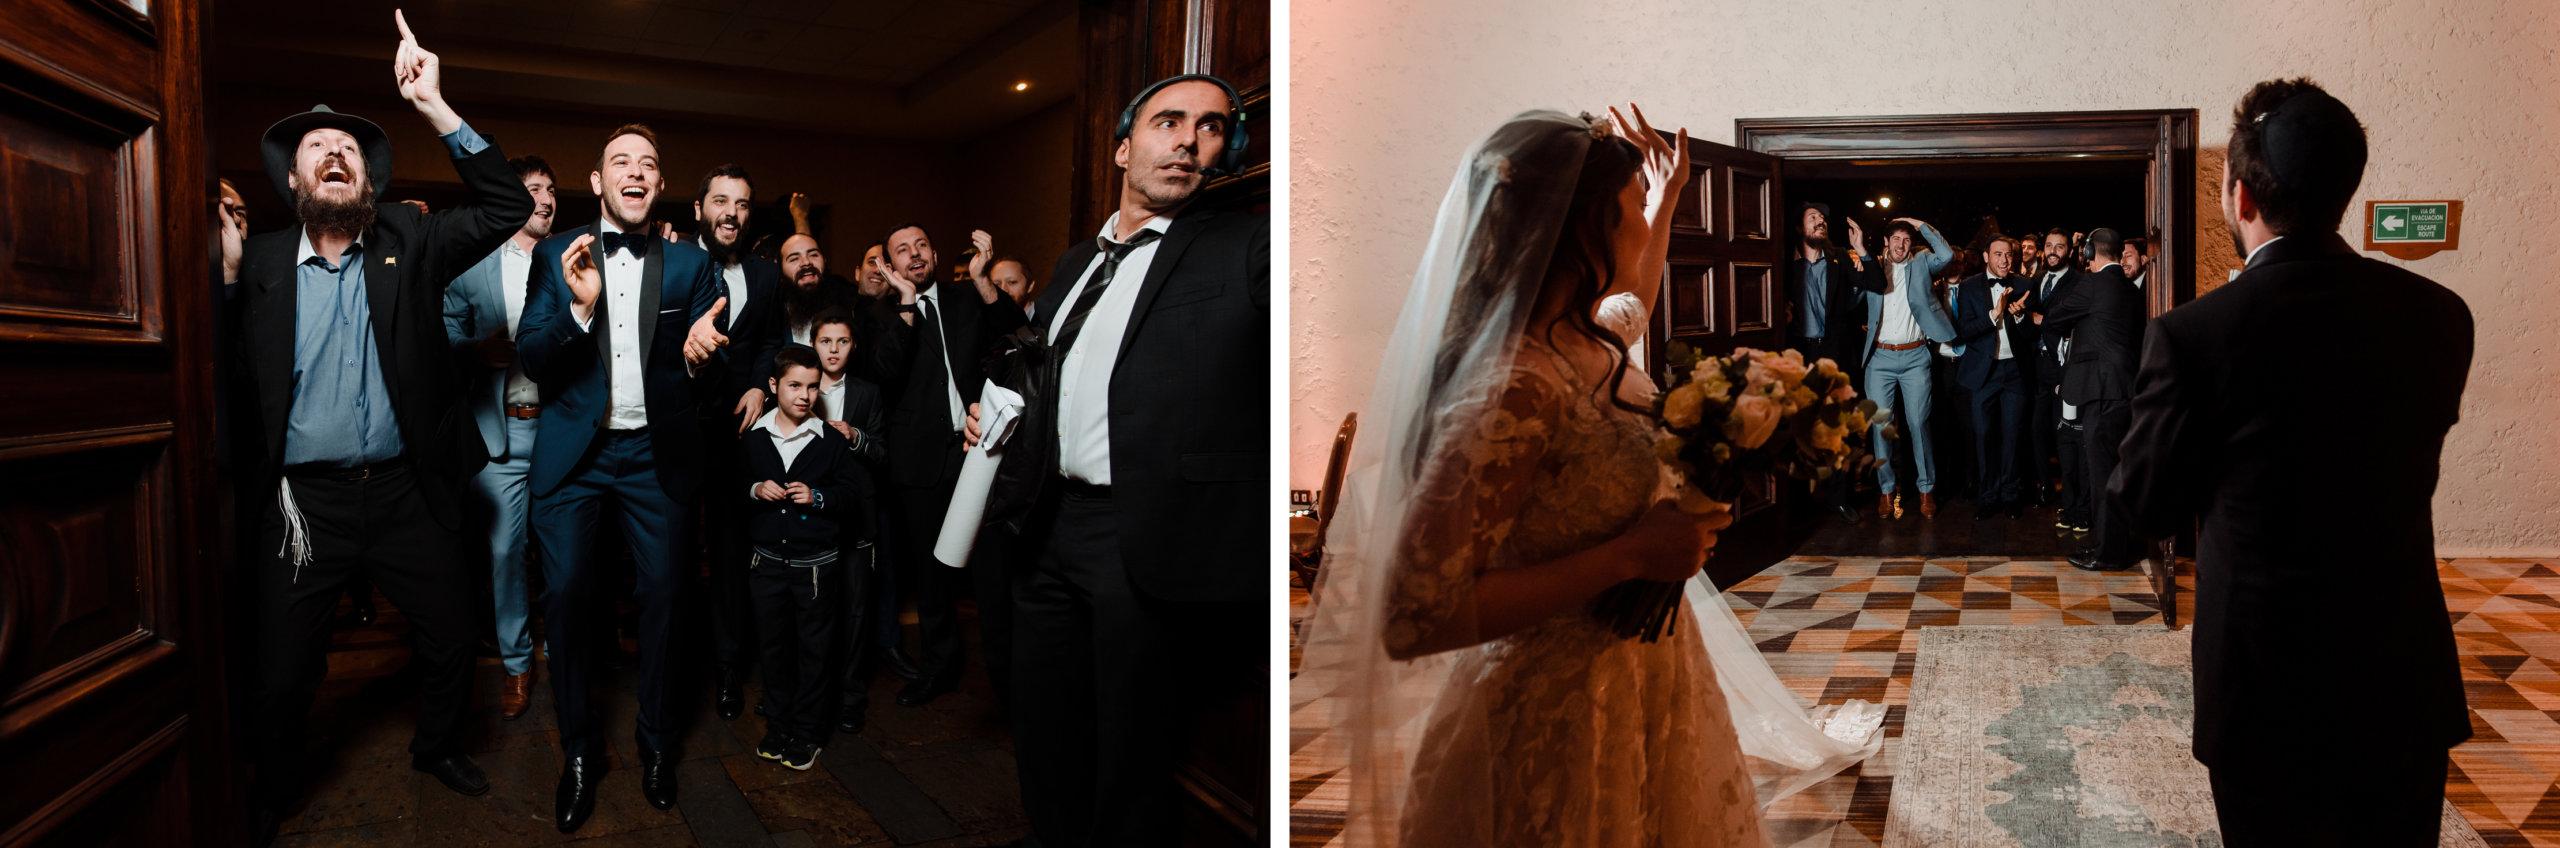 fotografia-de-matrimonio-judio-casa-piedra-jupá-ceremonia-judia-religiosa-fotografo-chile-deborah-dantzoff